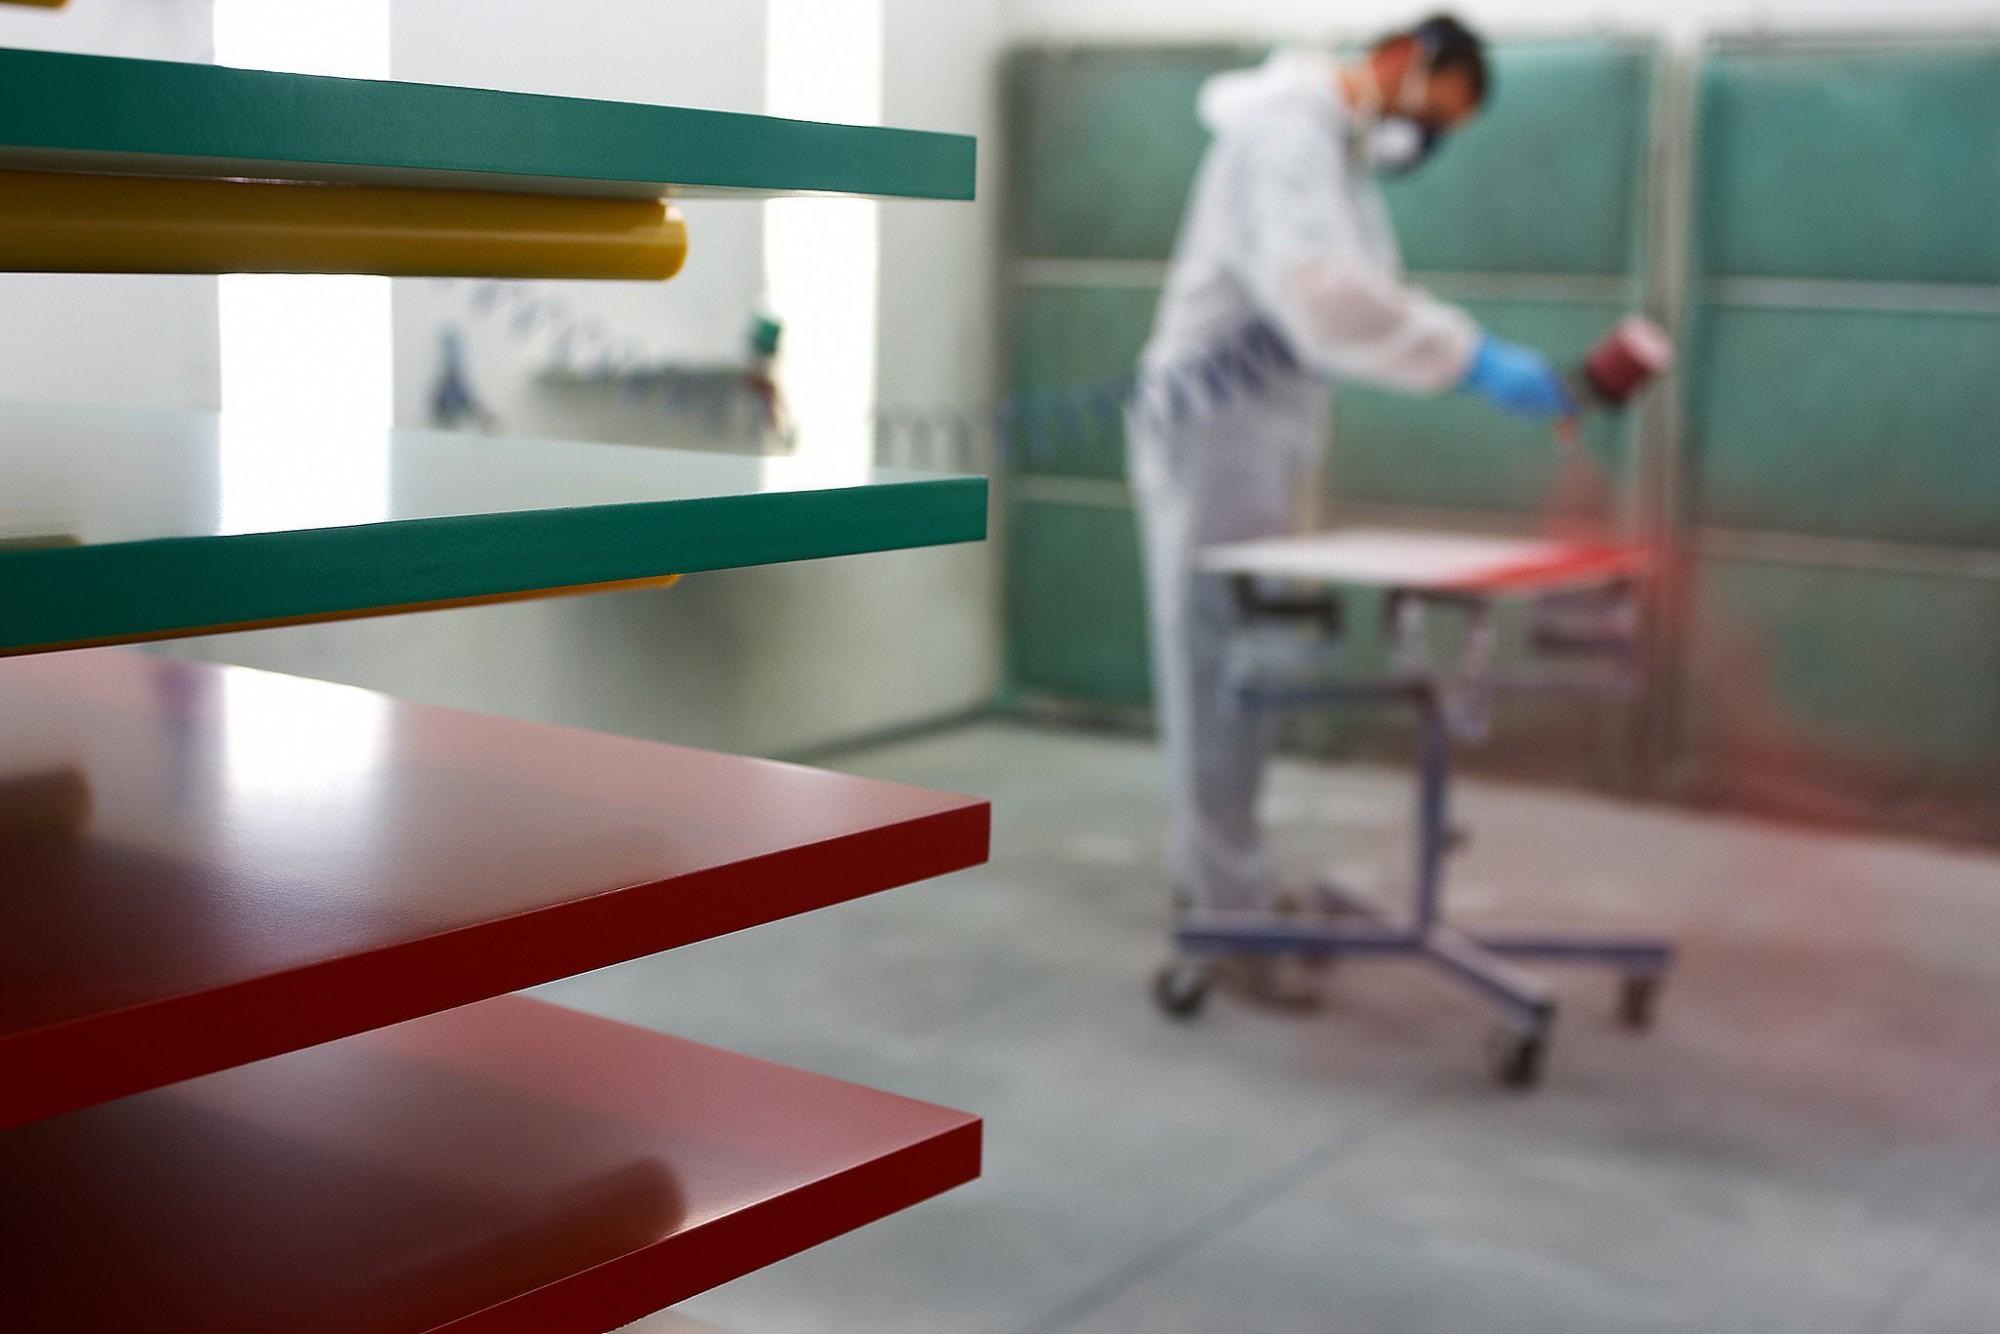 Afbeelding: Bedrijfsreportage fotografie voor Vanhout.pro, spuit atelier.